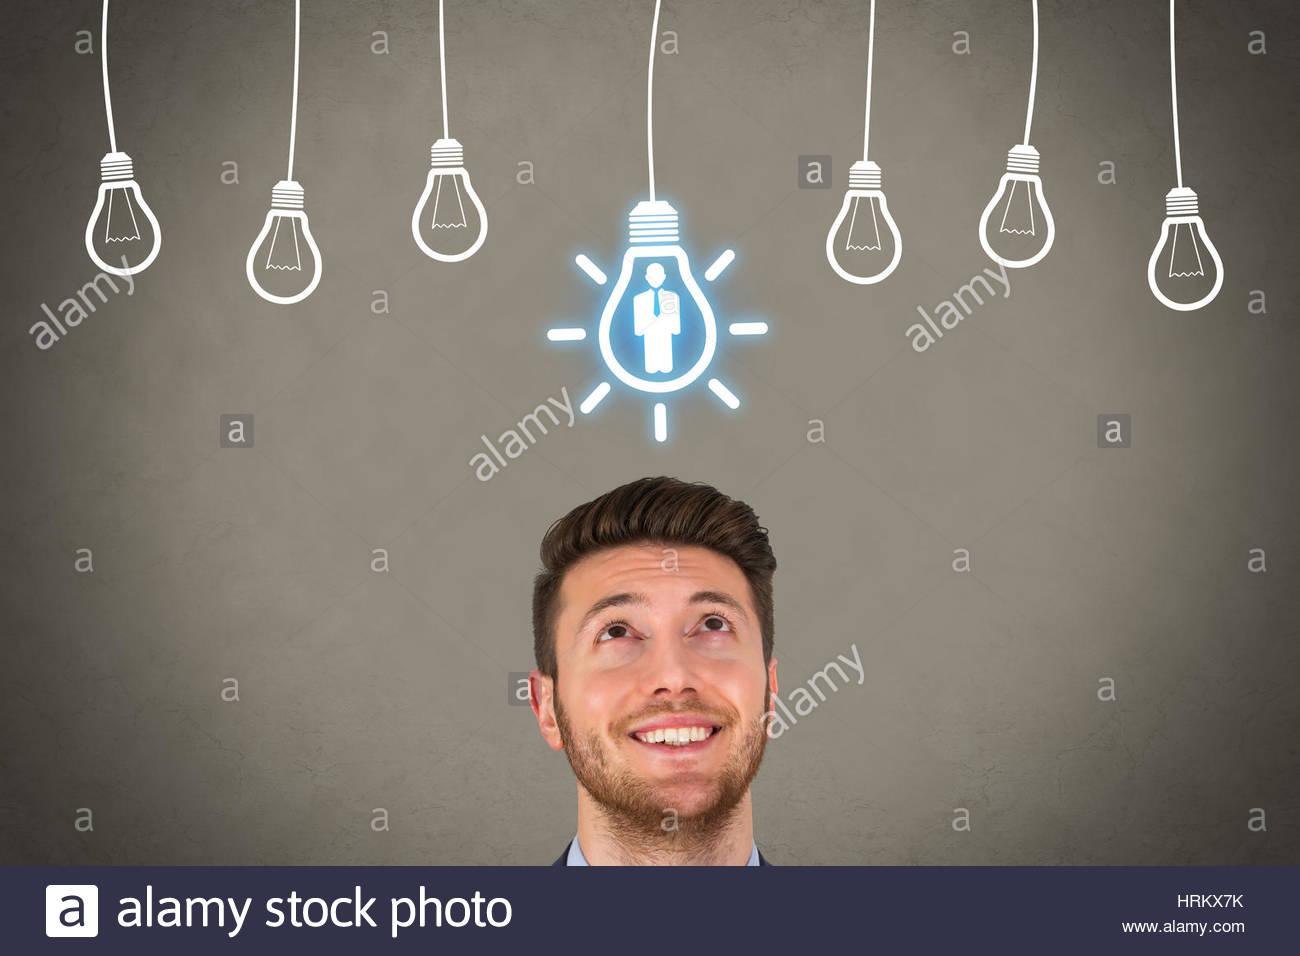 Le recrutement et l'idée de tête humaine Photo Stock